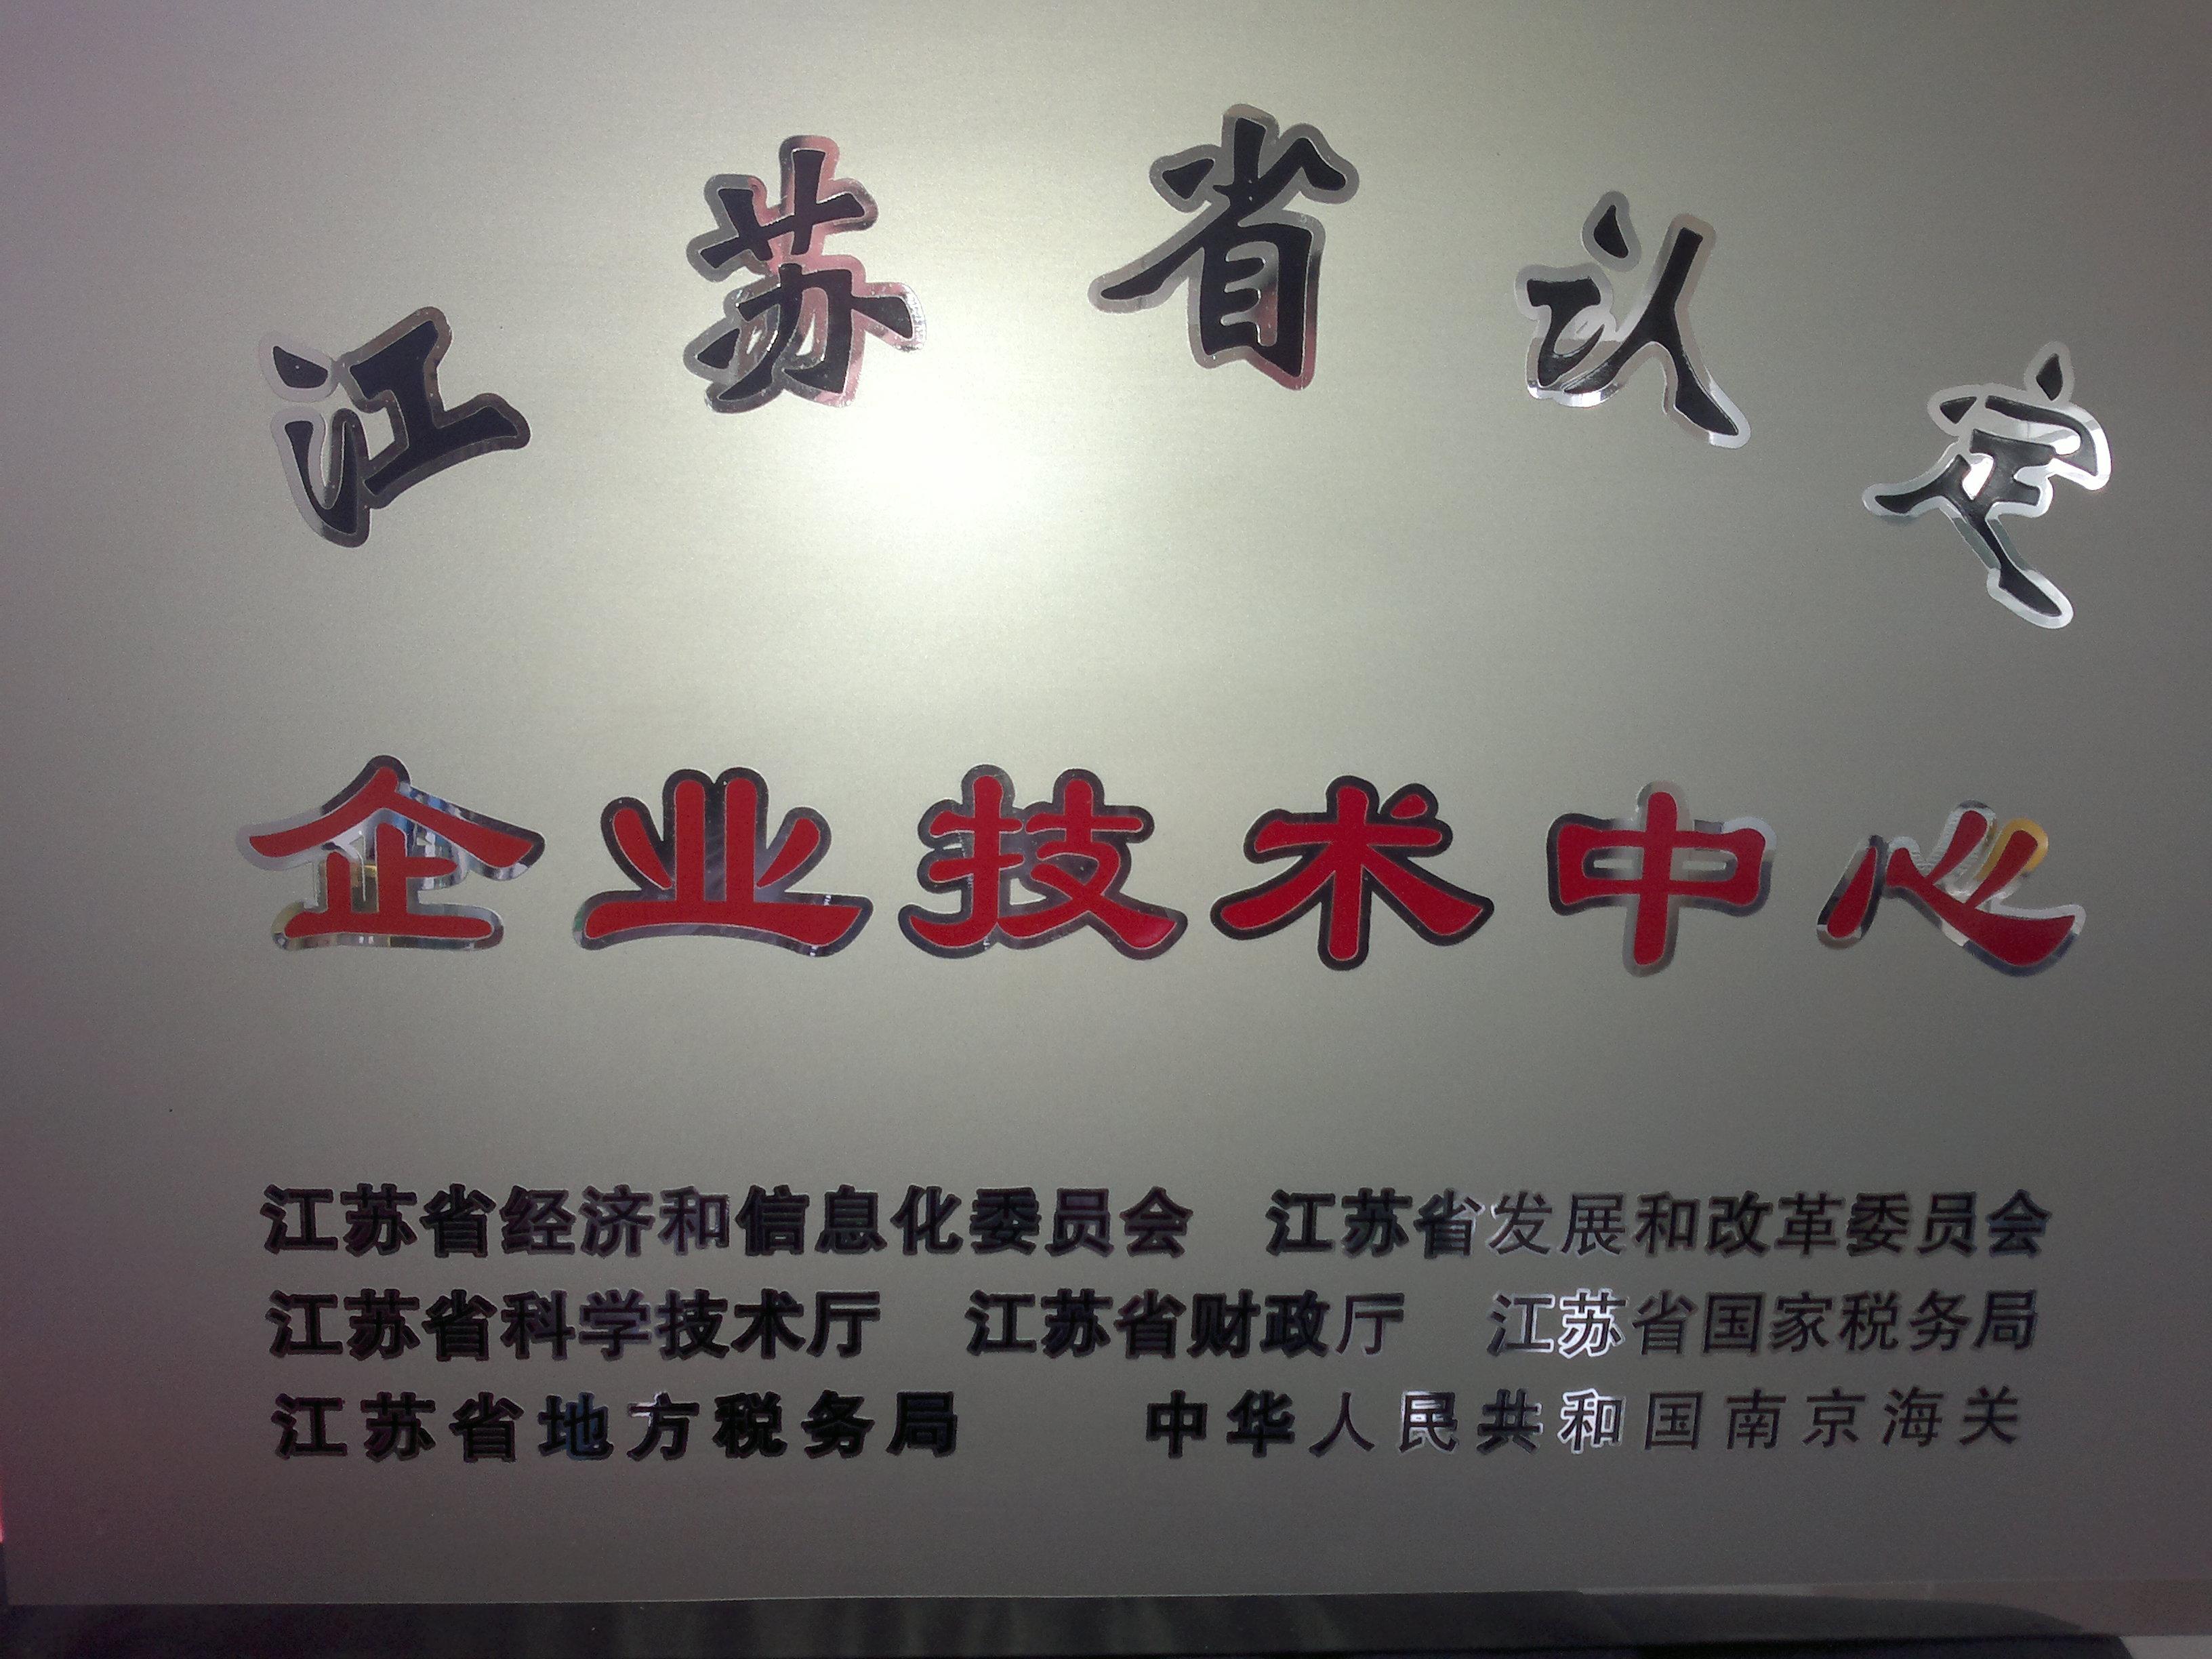 重要獎項-1.3、2010江蘇省企業技術中心